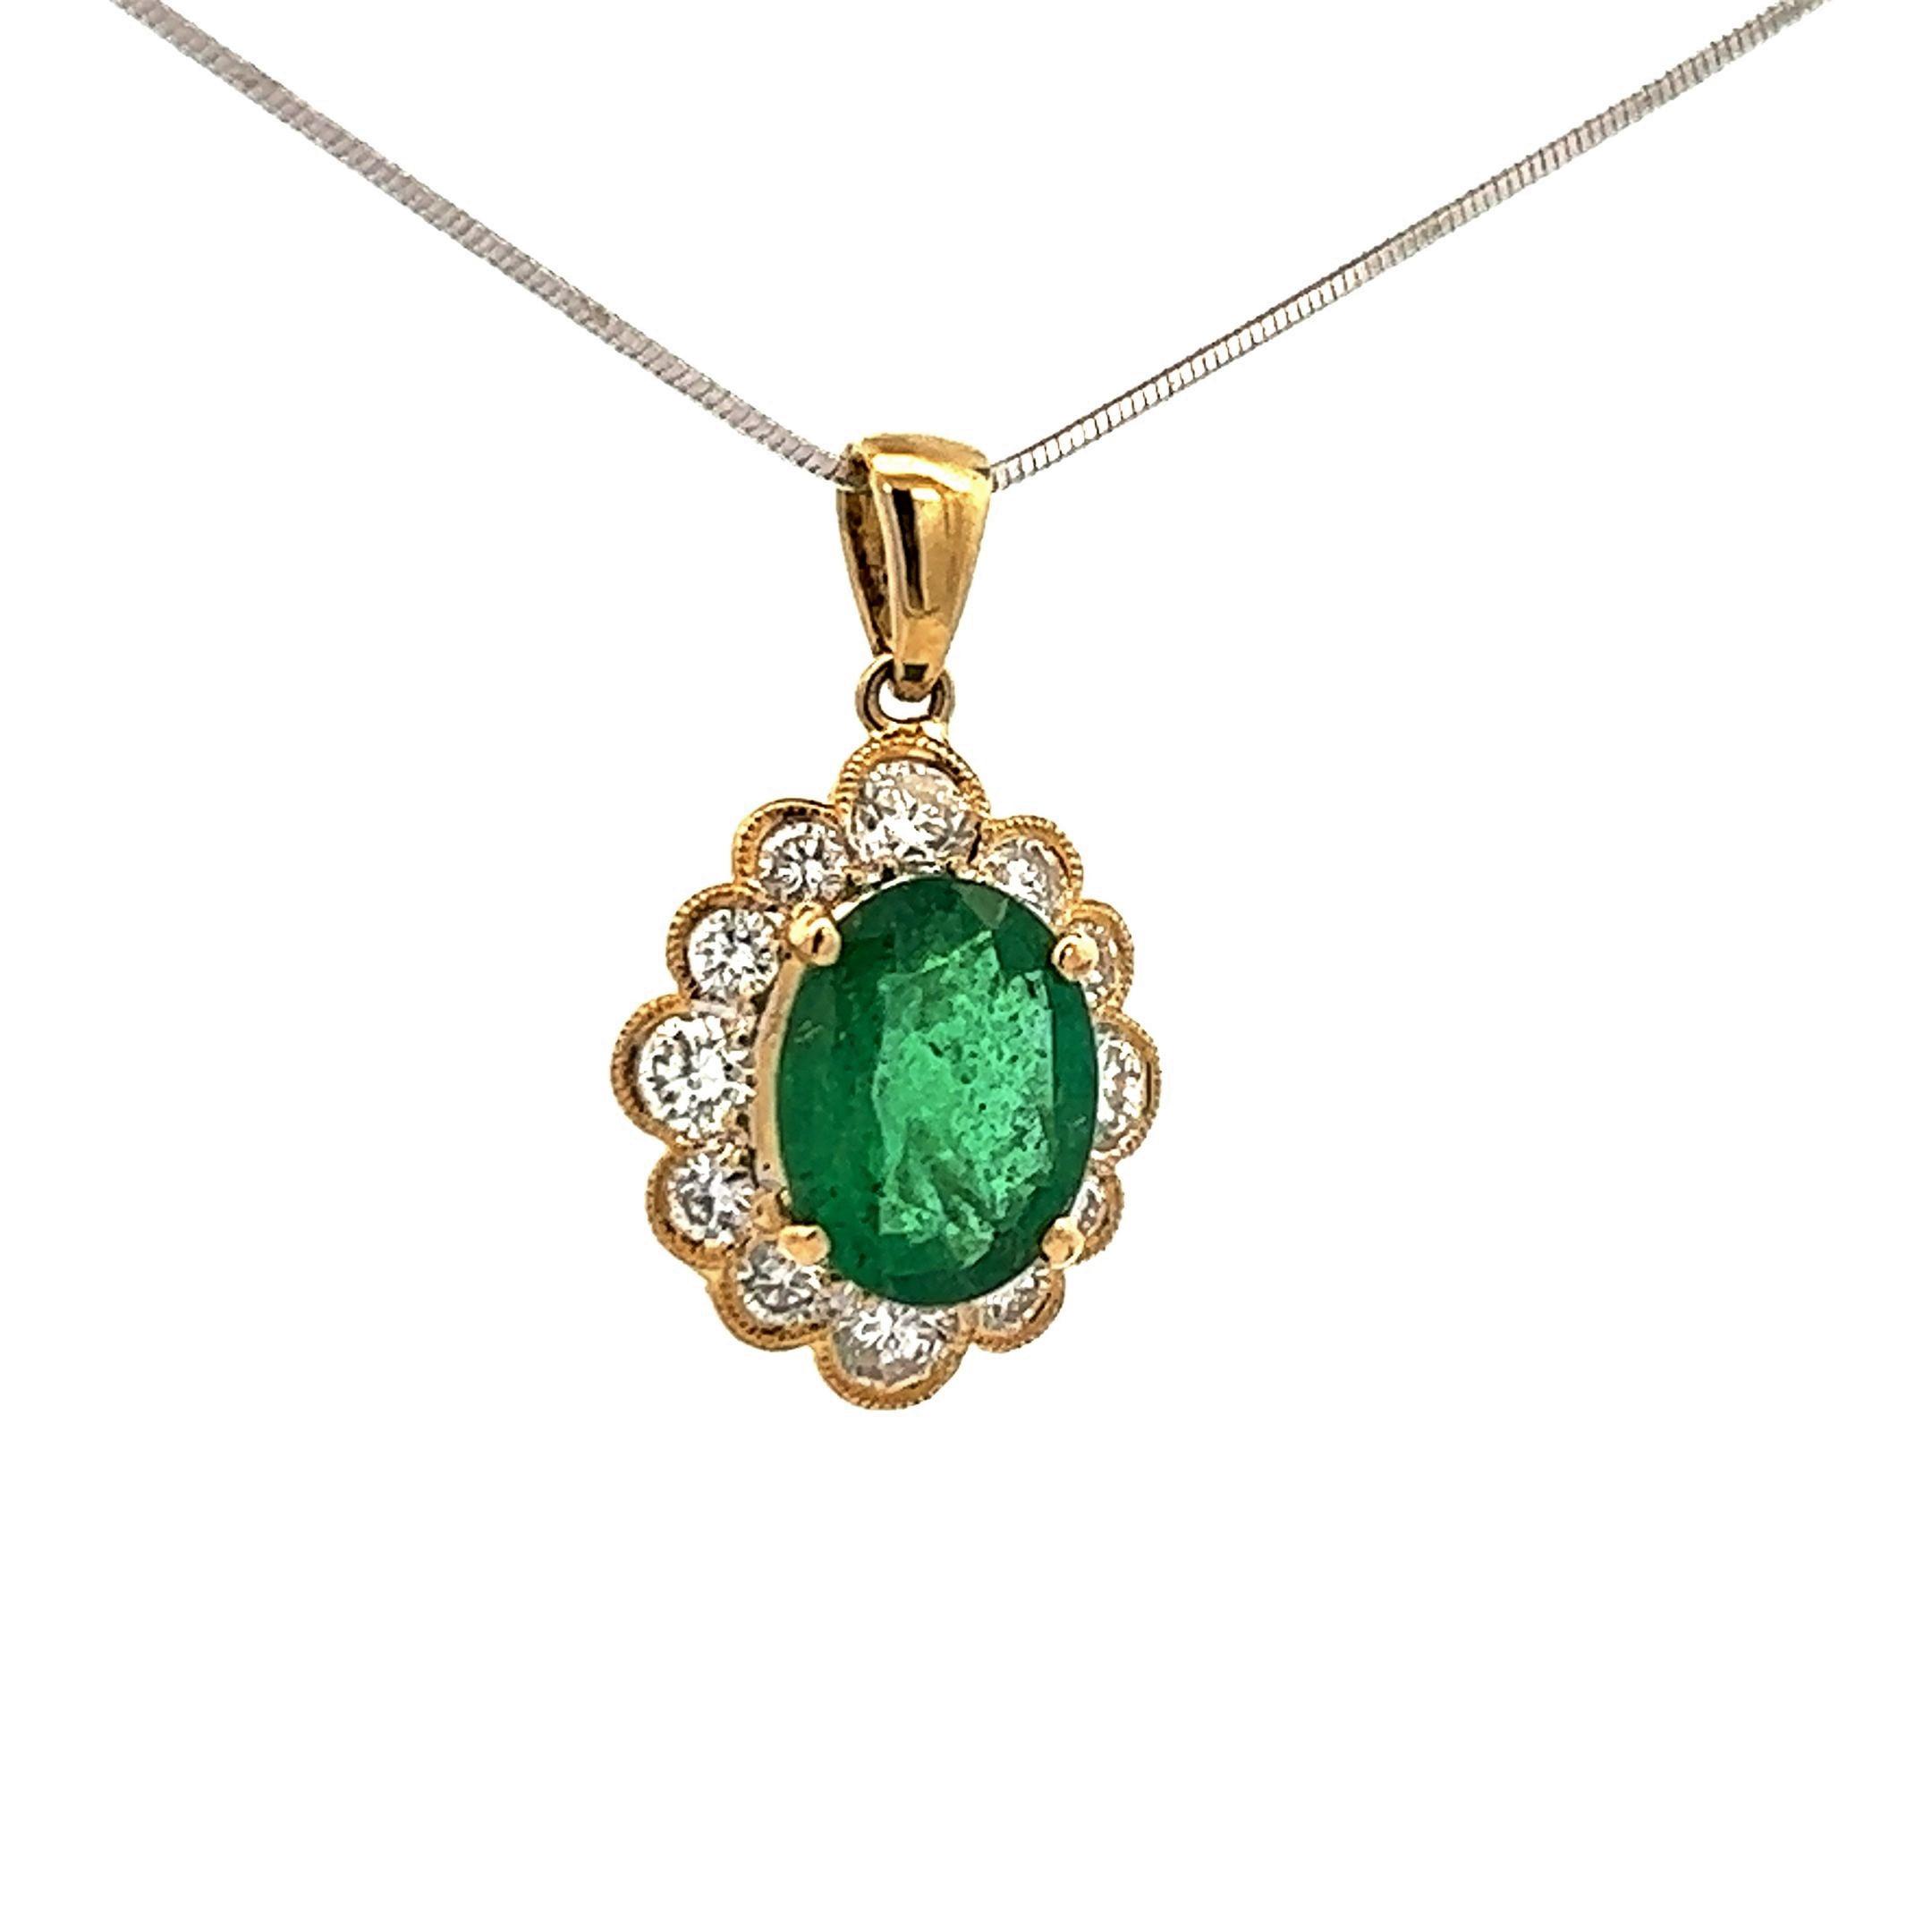 18K Yellow Gold 3 Carats Peridot & Diamond Pendant